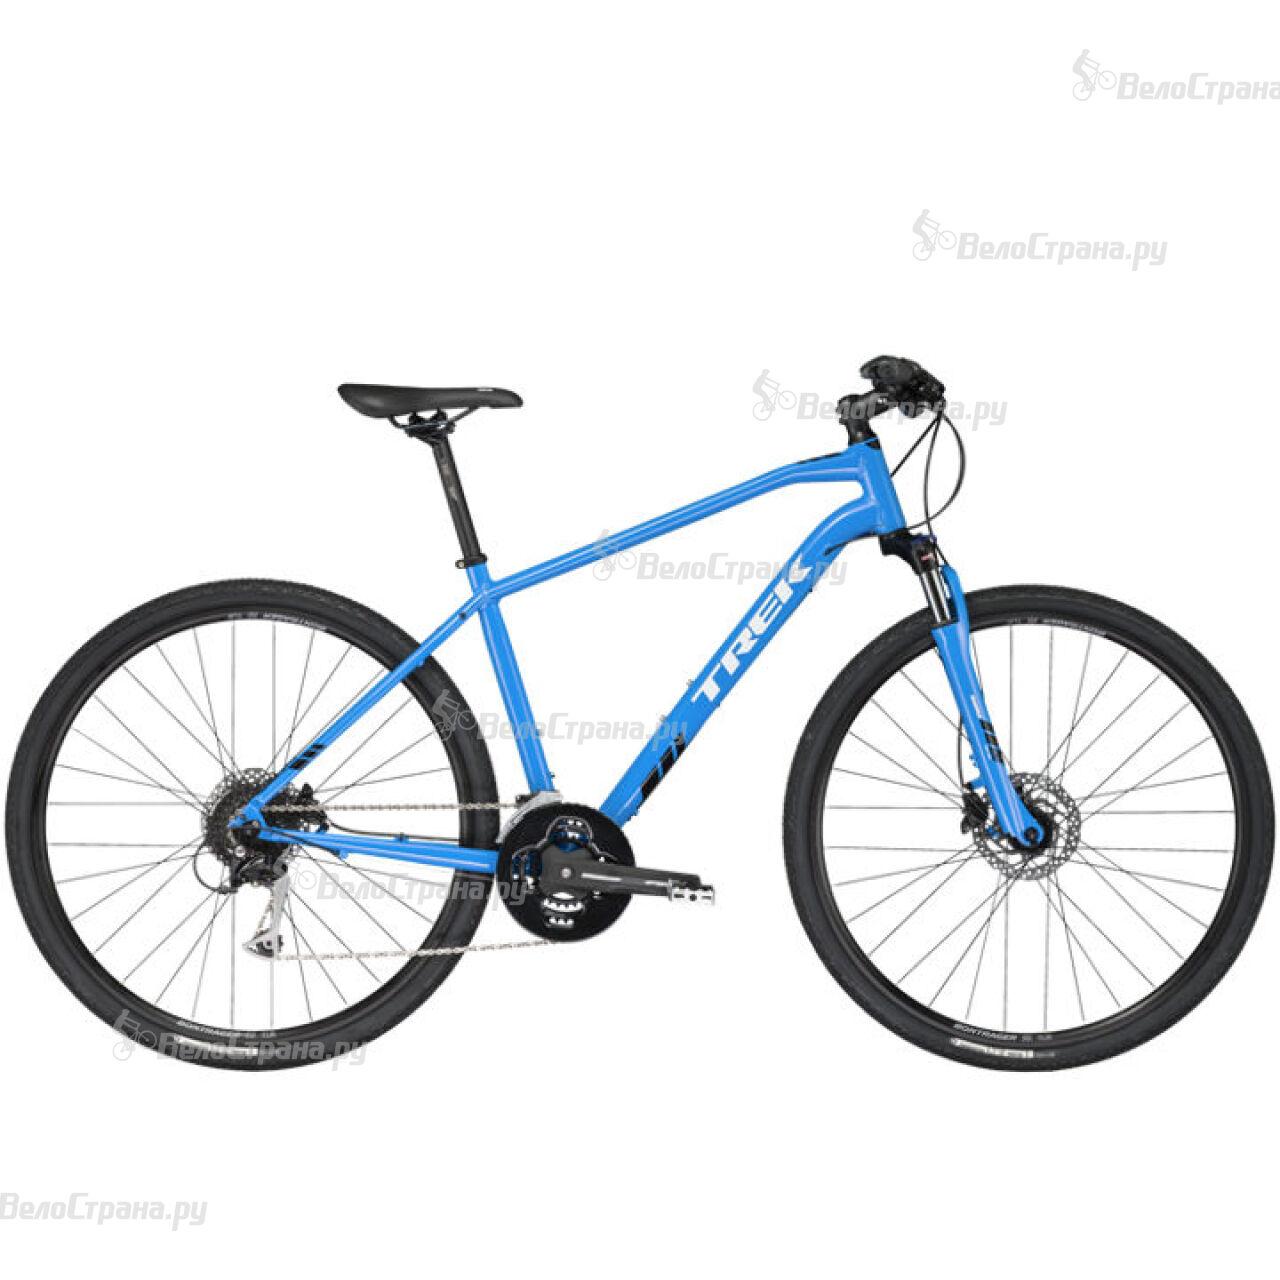 Велосипед Trek DS 3 (2017) гидравлический цилиндр цены гидравлические цилиндры продать